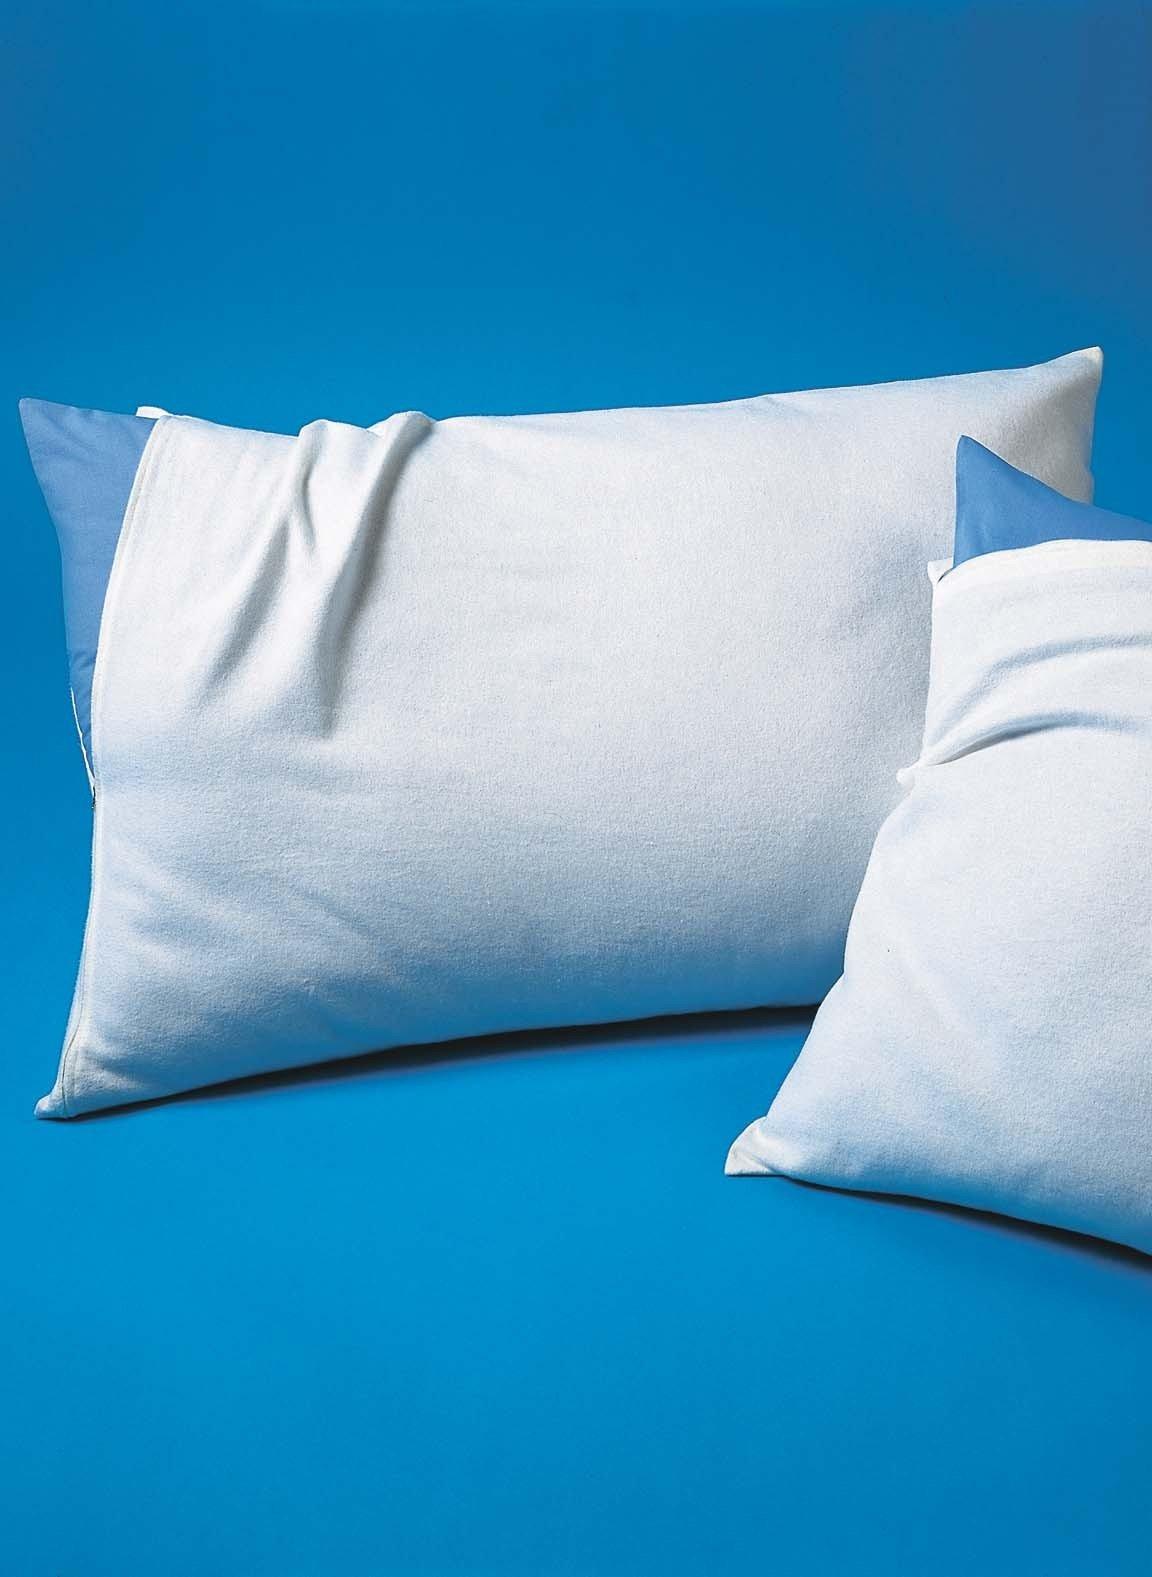 housse de protection matelas maison design. Black Bedroom Furniture Sets. Home Design Ideas